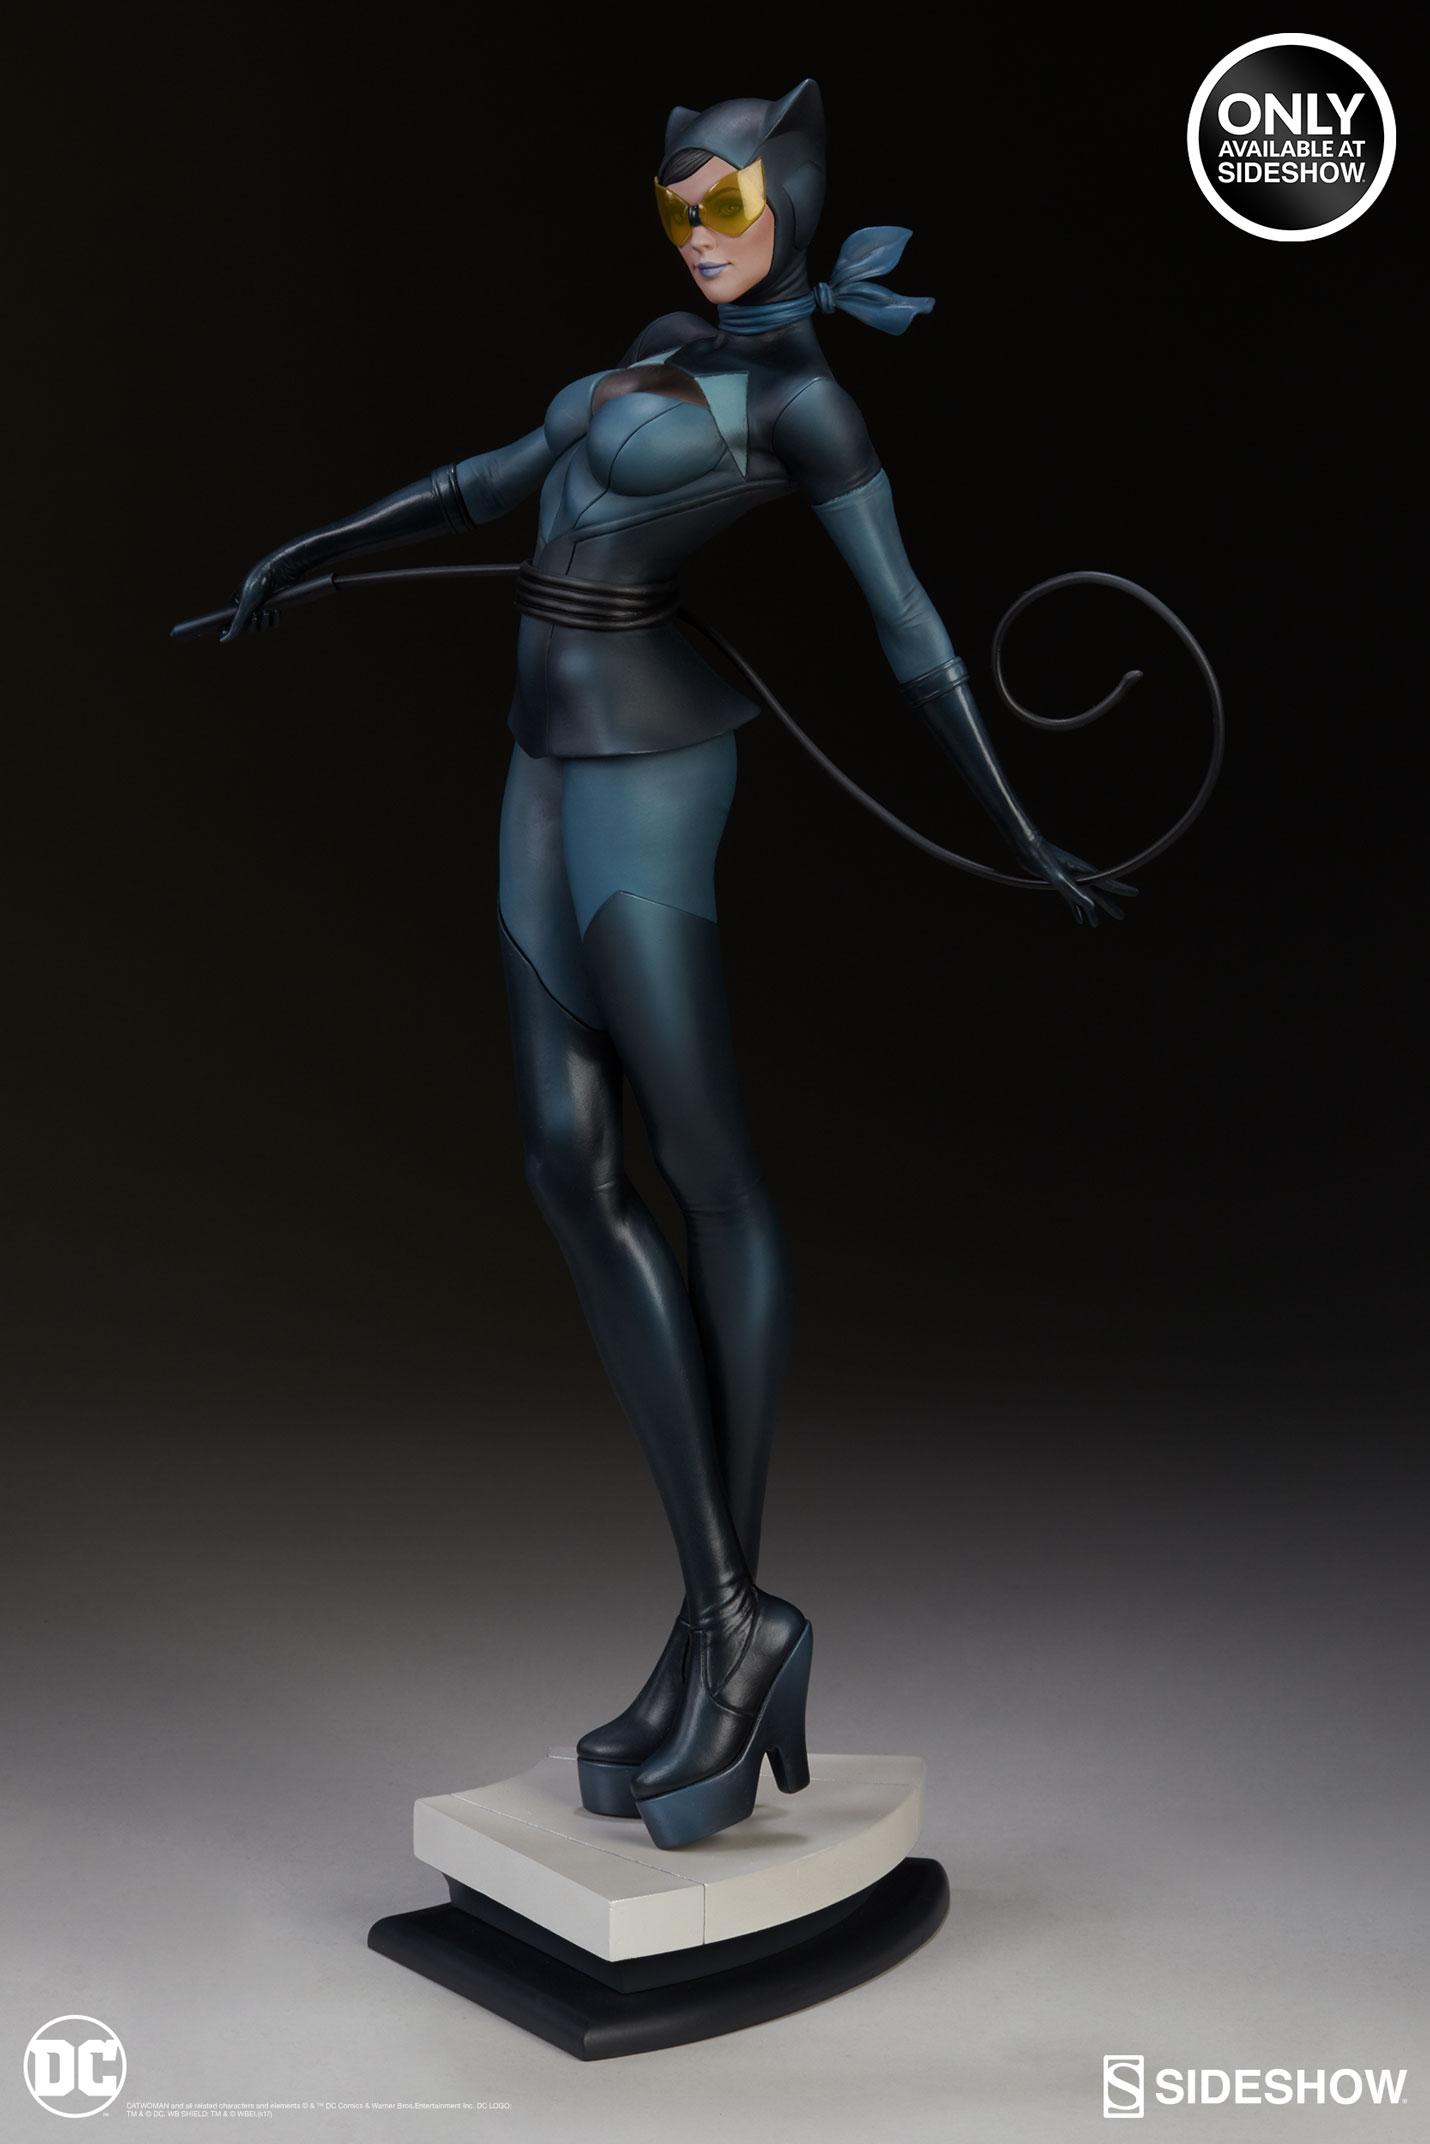 dc-comics-catwoman-statue-stanley-artgerm-lau-artist-series-200428-04 Figurines - Harley Quinn - Catwoman et Poison Ivy vues par Artgerm